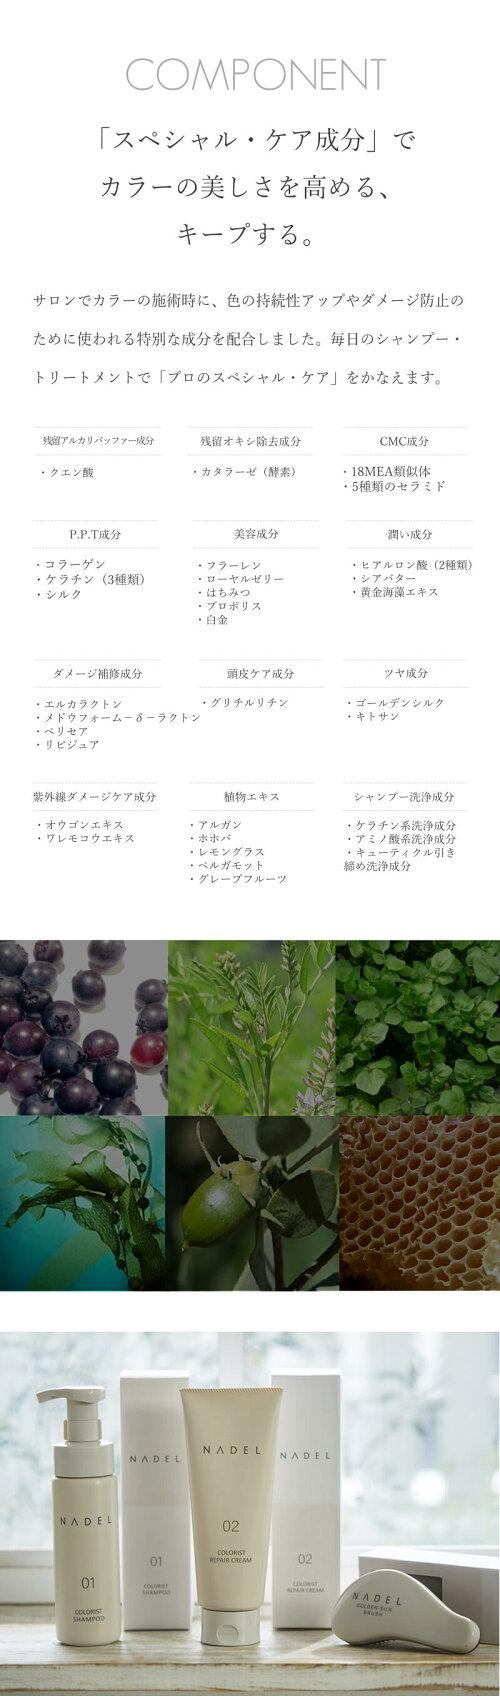 【送料無料】NADELナデルカラーリスト・シャンプー200ml&リペアクリーム(トリートメント)200g&ゴールデンシルク・ブラシセット